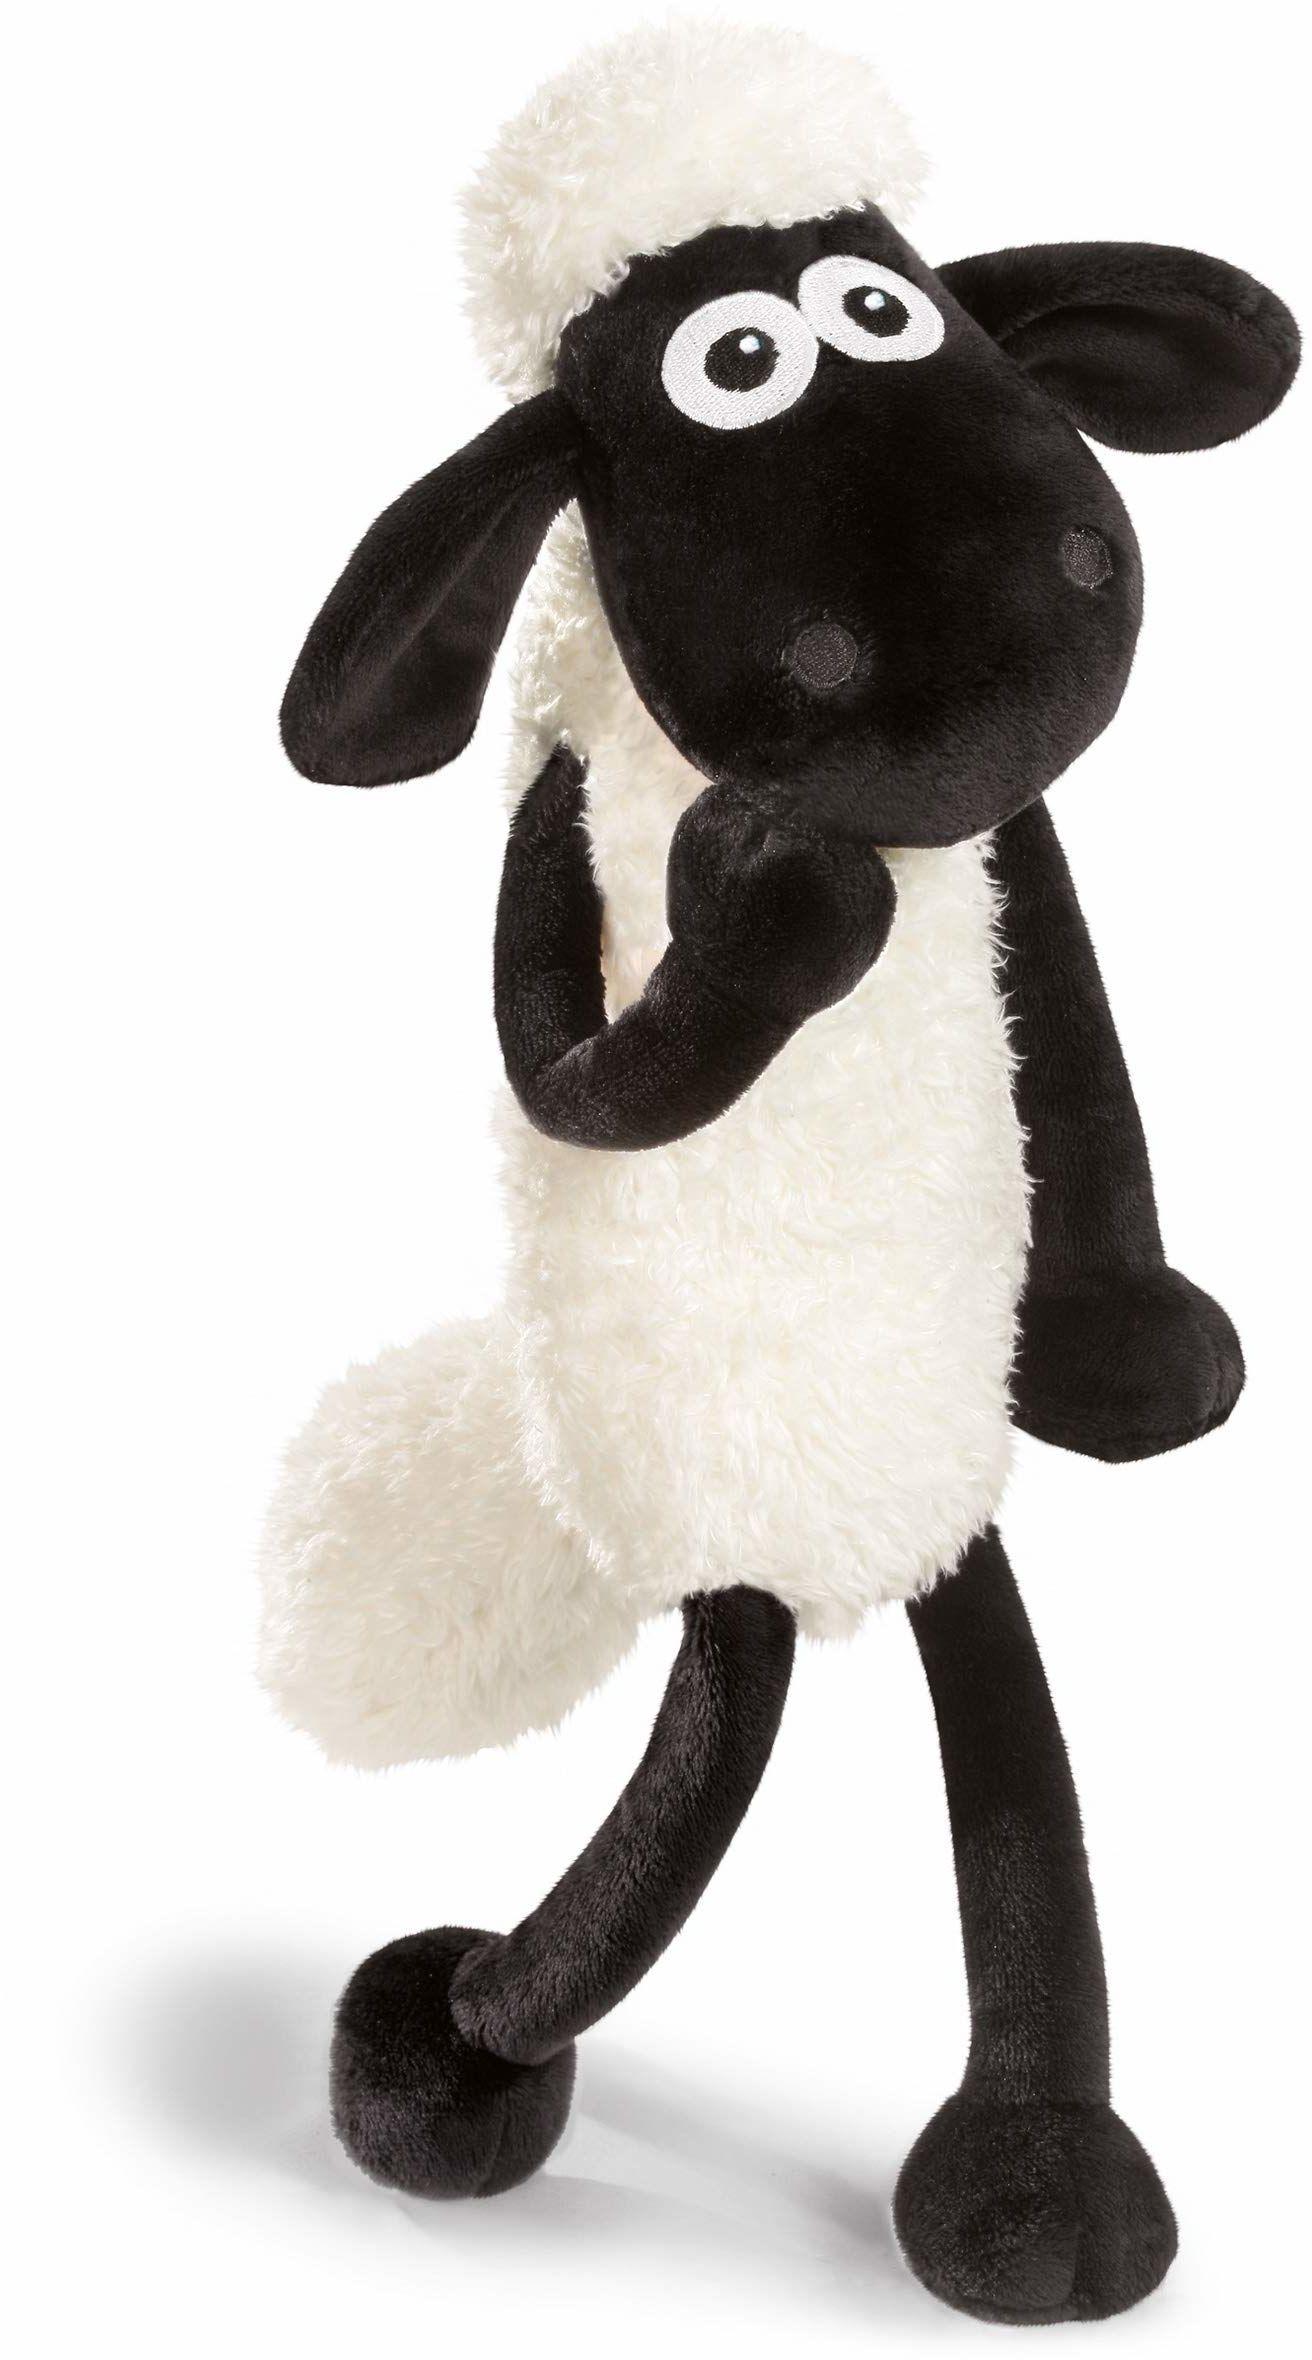 NICI Maskotka Shaun owca 35 cm  owieczka pluszowa dla dziewcząt, chłopców i niemowląt  puszysta pluszowa owieczka do przytulania, zabawy i spania  przytulna przytulanka dla każdego wieku  45846